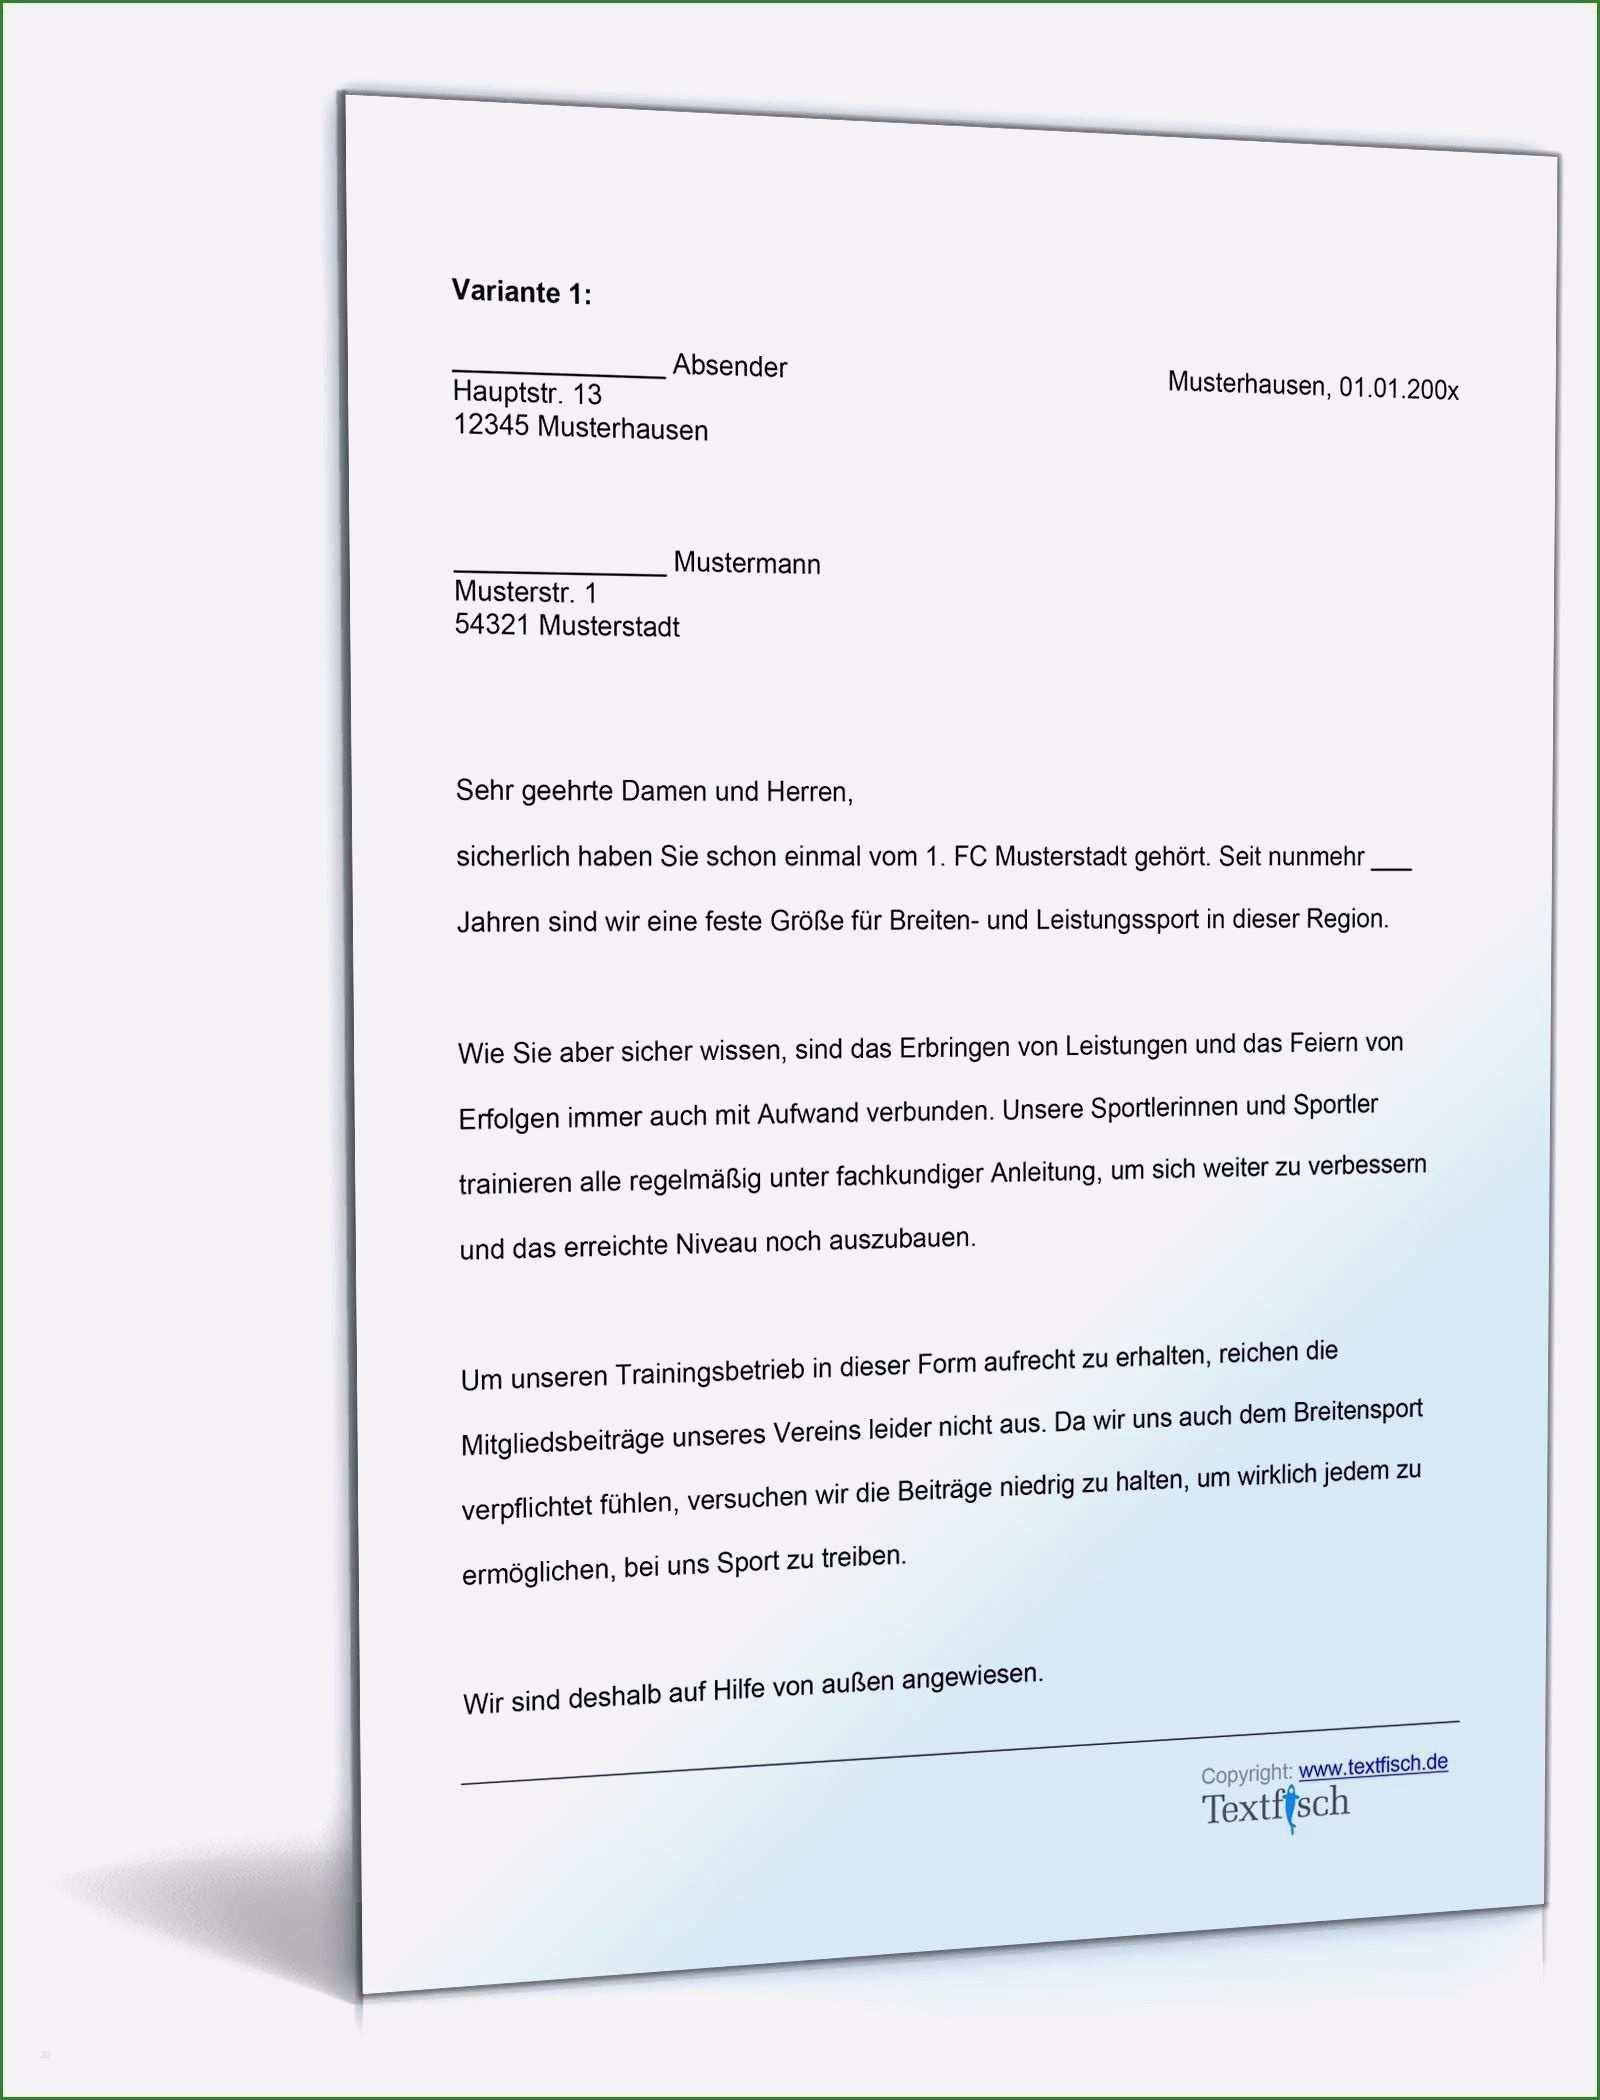 Fuhrend Kundigung Mrs Sporty Vorlage In 2020 Briefkopf Vorlage Vorlagen Postkarten